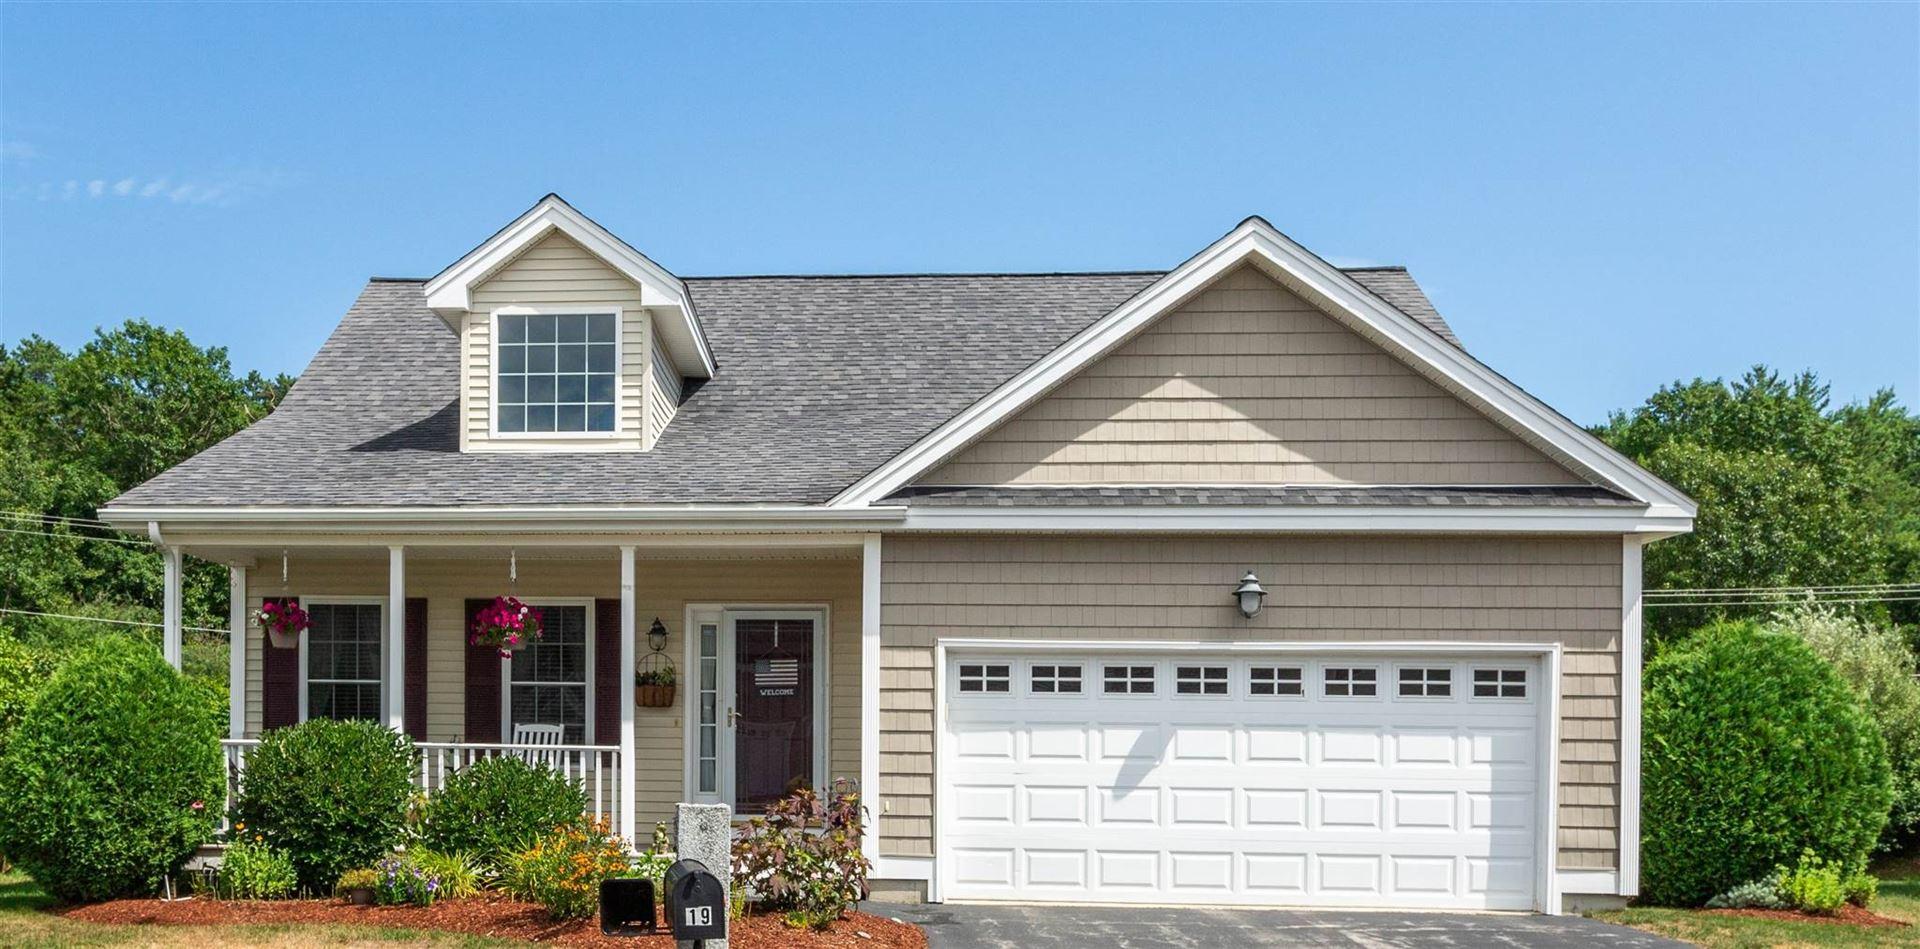 19 Usher Lane, Merrimack, NH 03054 - MLS#: 4819395